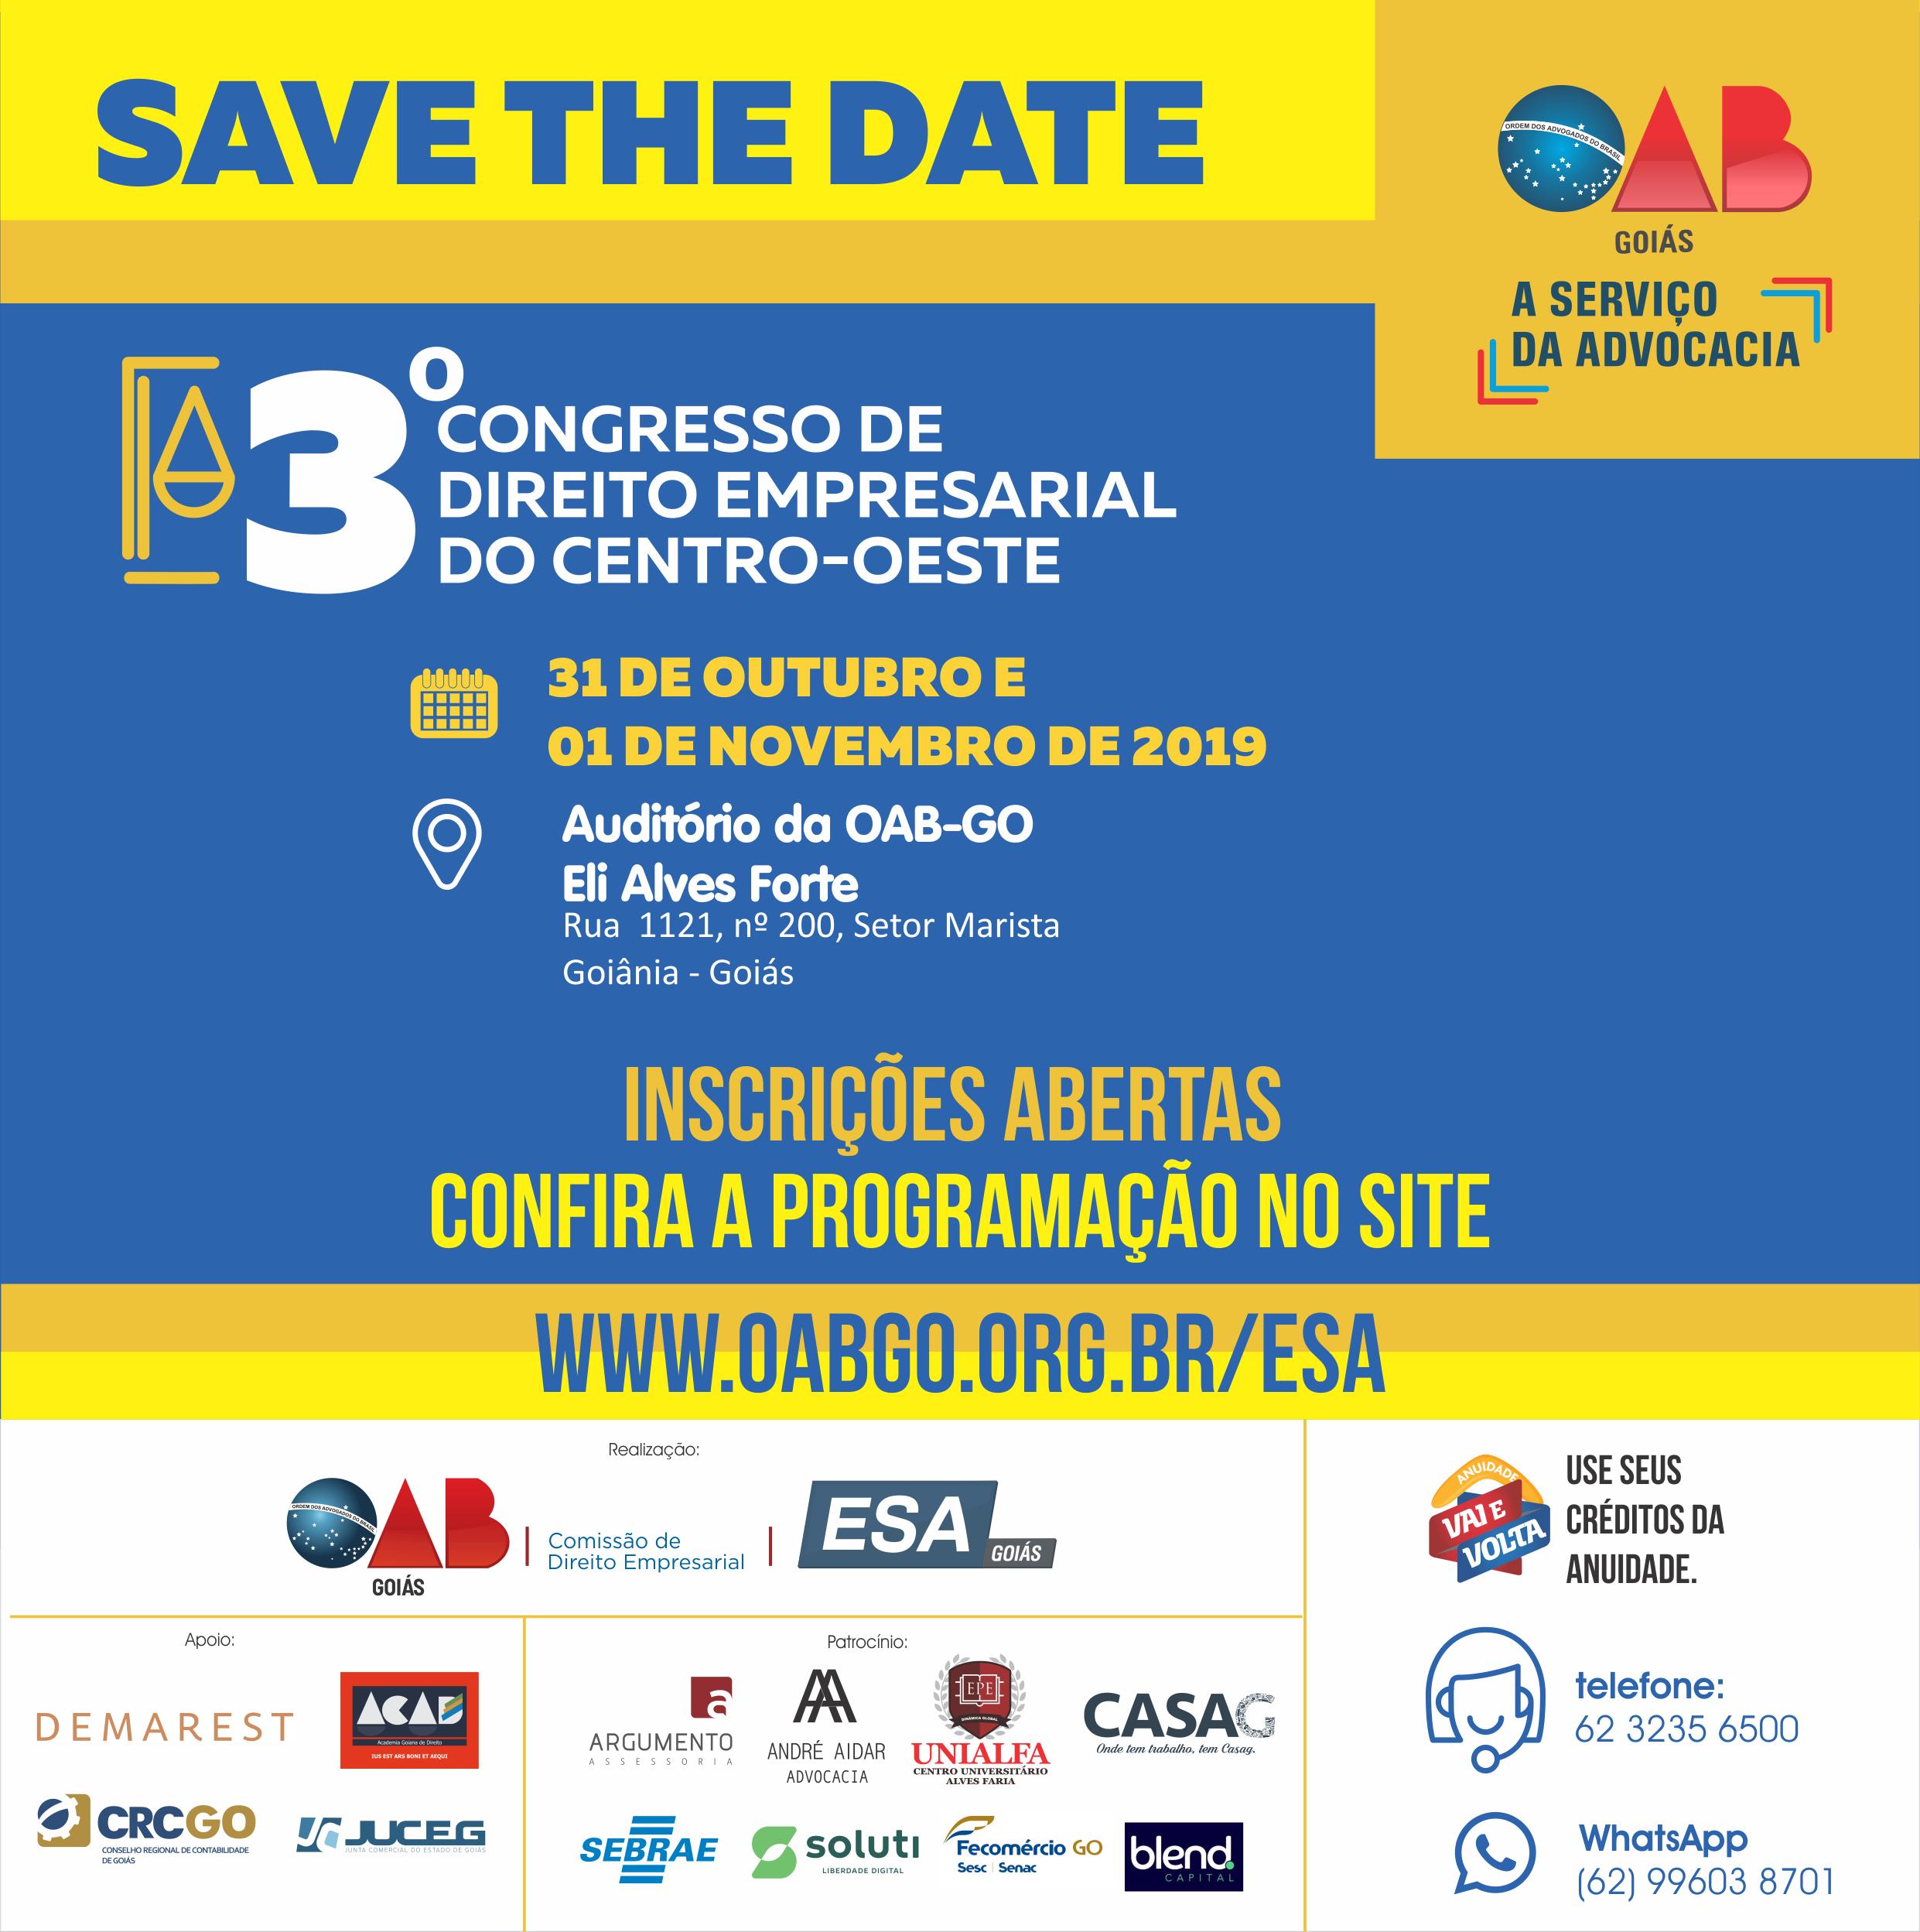 31.10 e 01.11 - 3º Congresso de Direito Empresarial